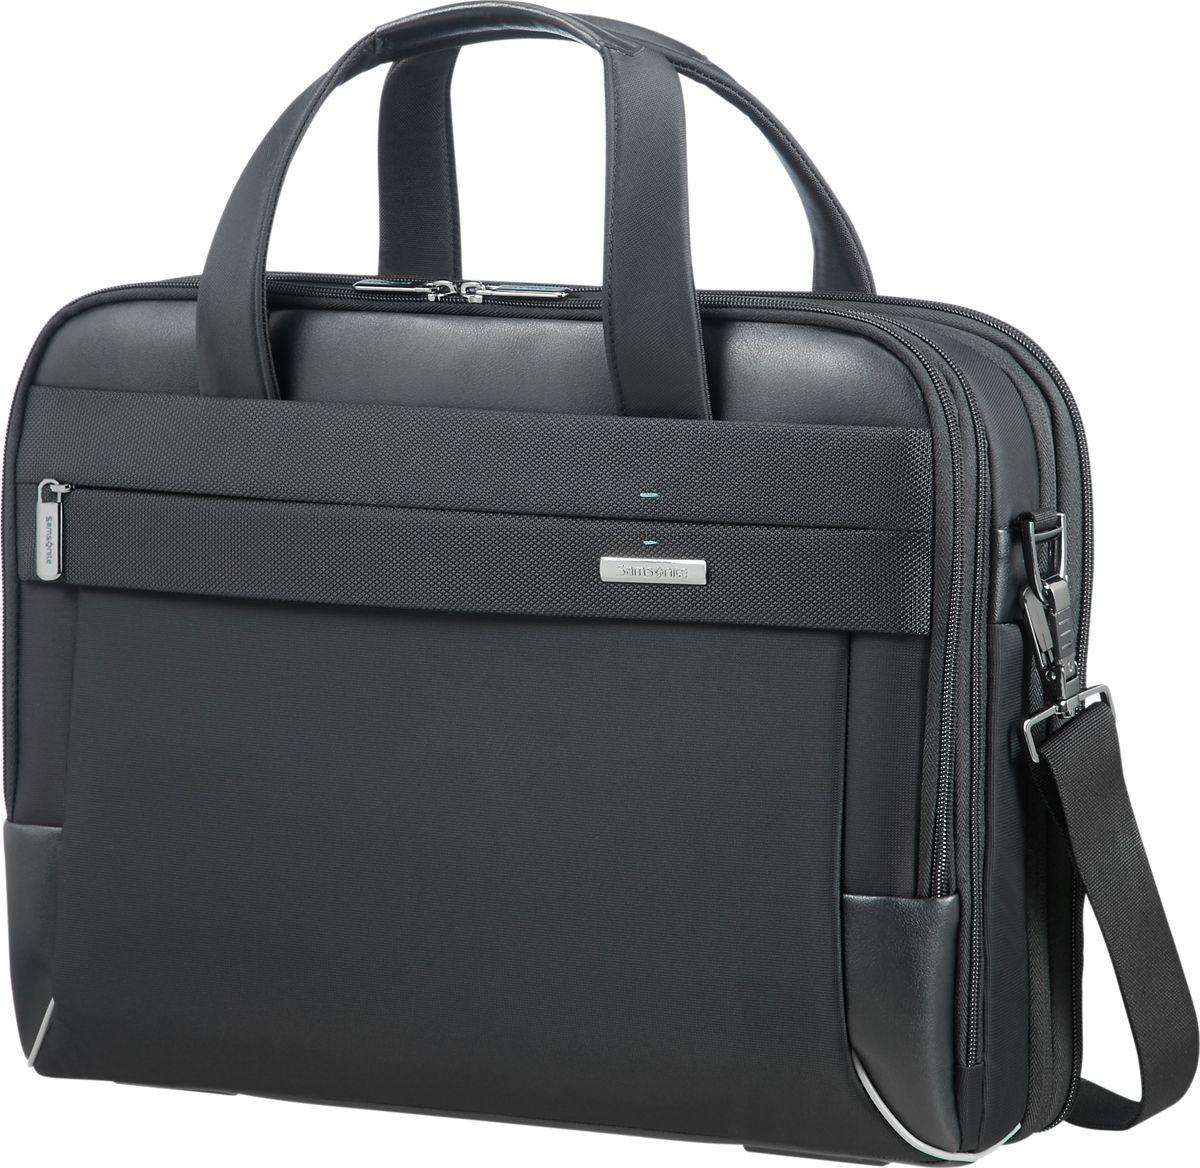 Сумка для ноутбука мужская Samsonite, цвет: черный, 15,6. CE7-09004 samsonite samsonite плече сумка рюкзак apple macbook air pro компьютер мешок мужчин и женщин ноутбук сумка 13 3 дюймов bp2 28002 светло серый